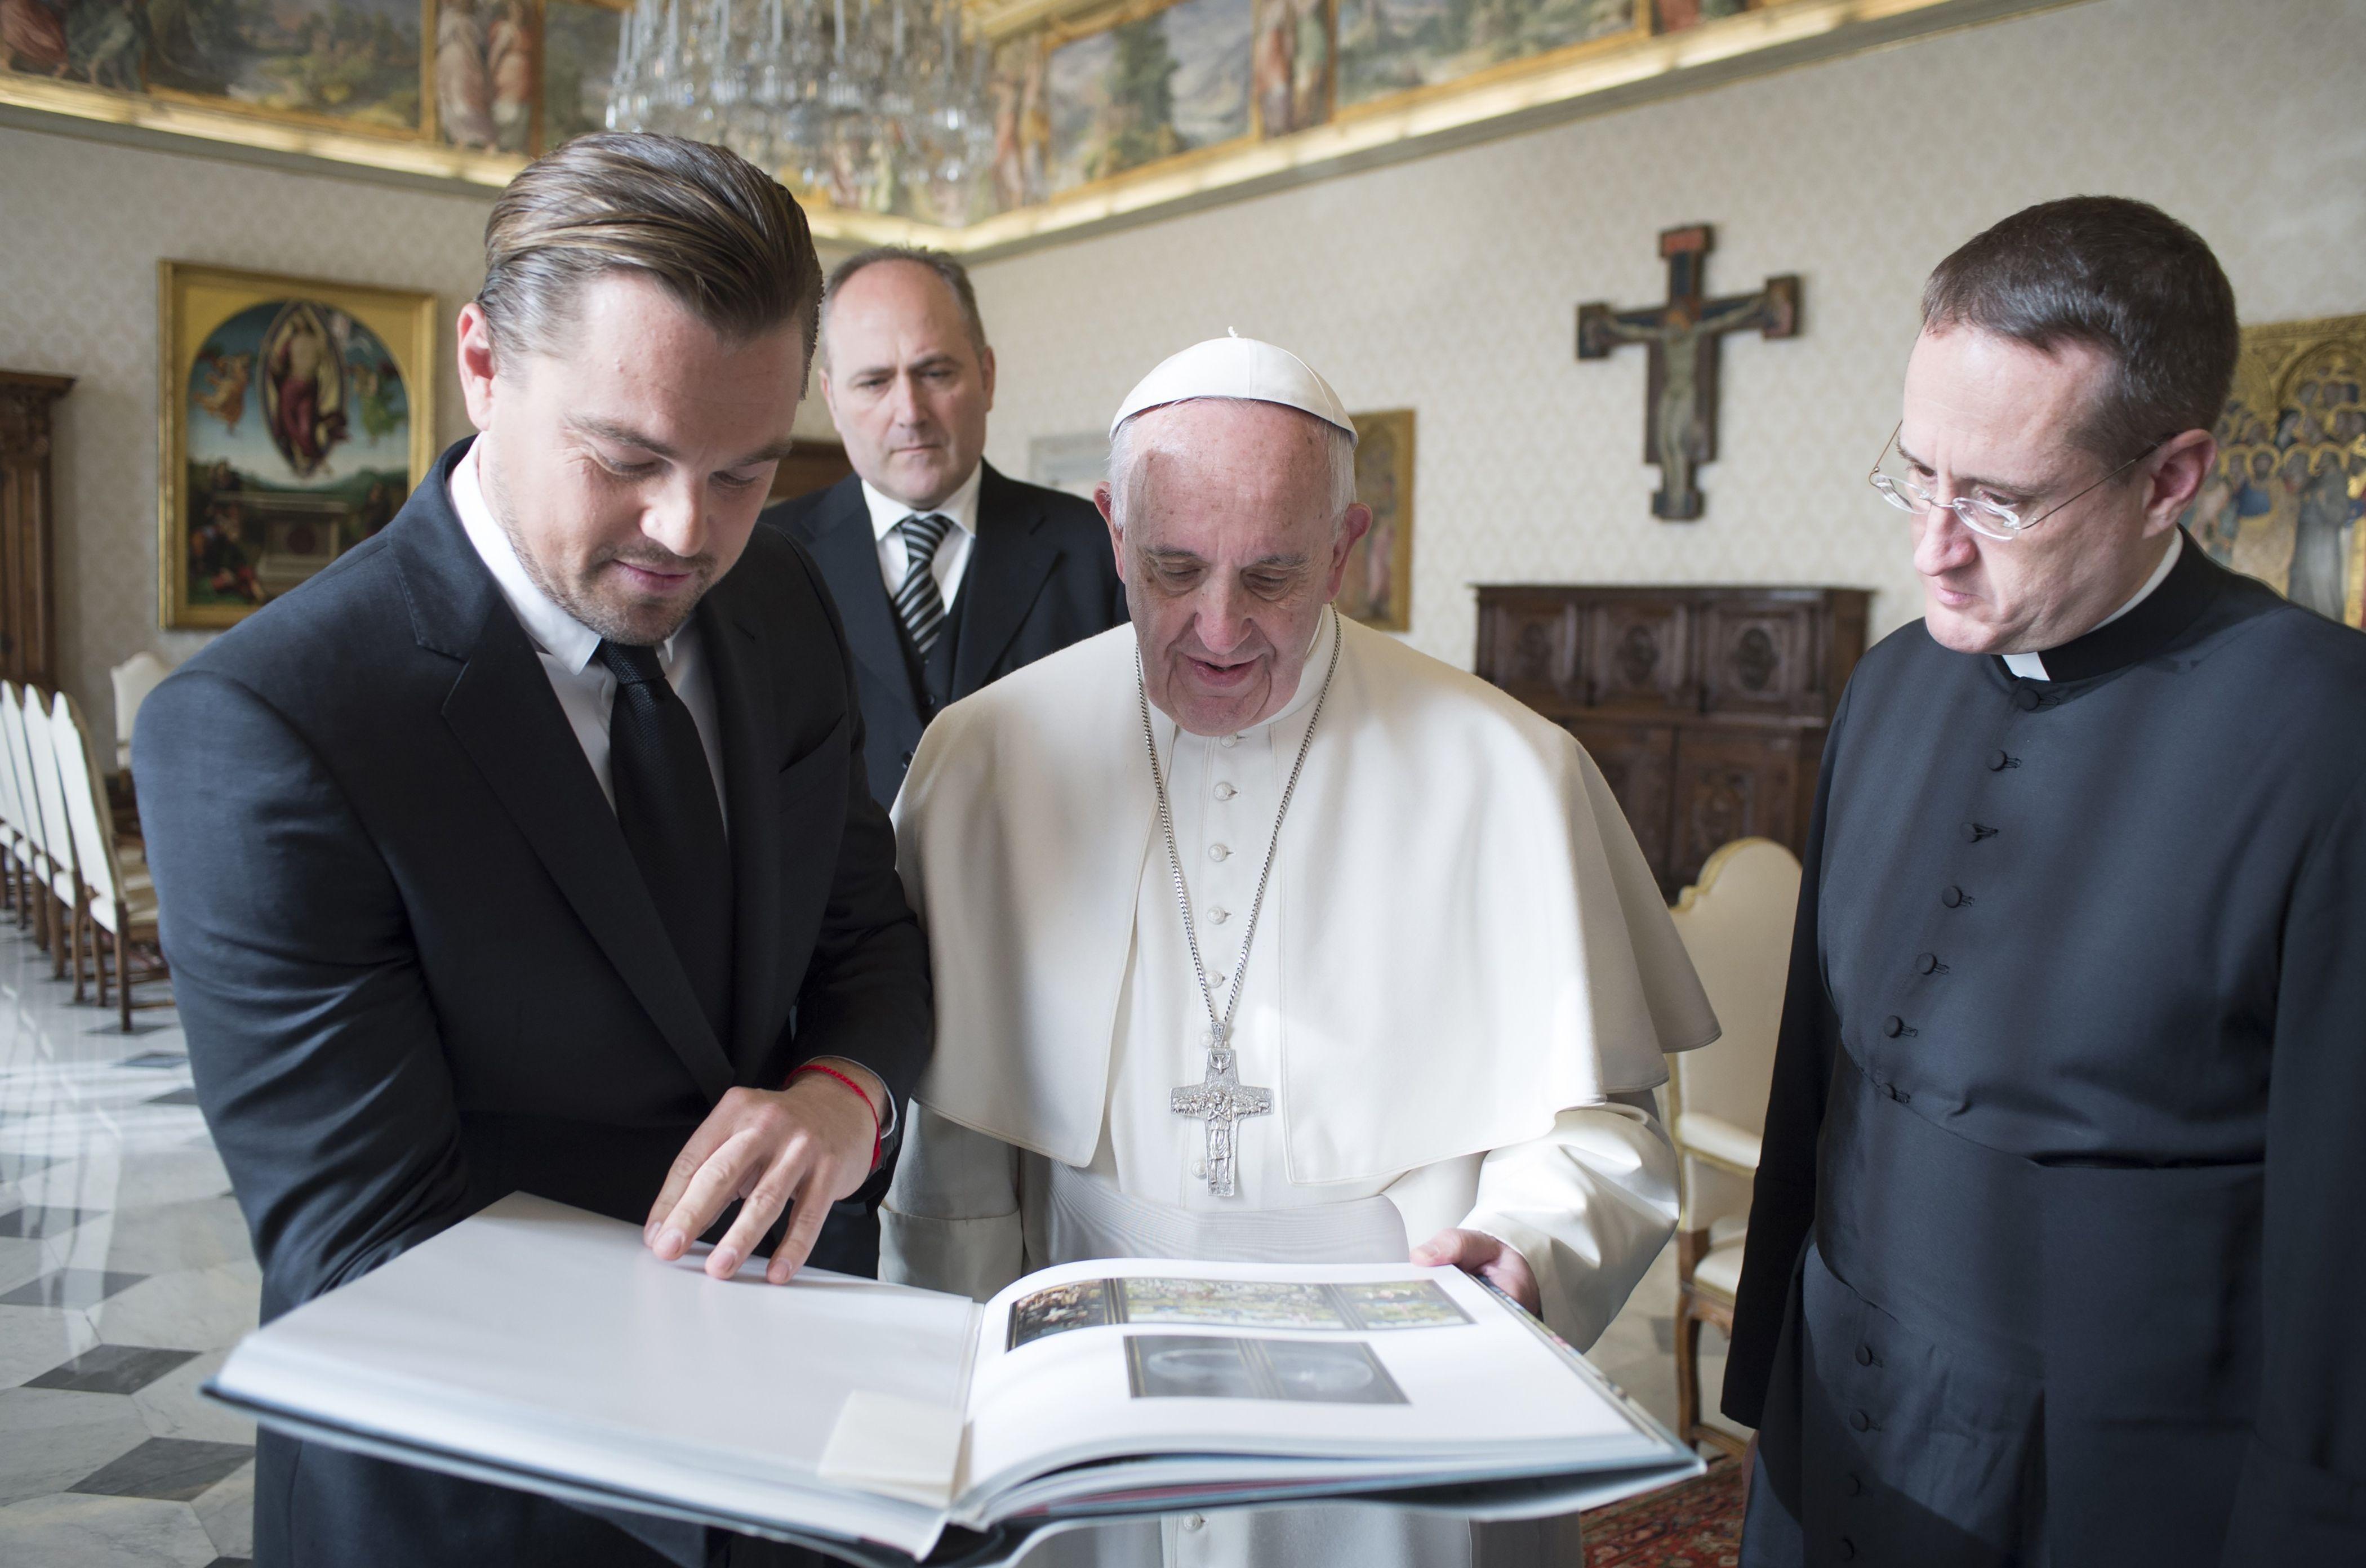 Папа Римський прийняв Леонардо Ді Капріо у Ватикані - фото 2